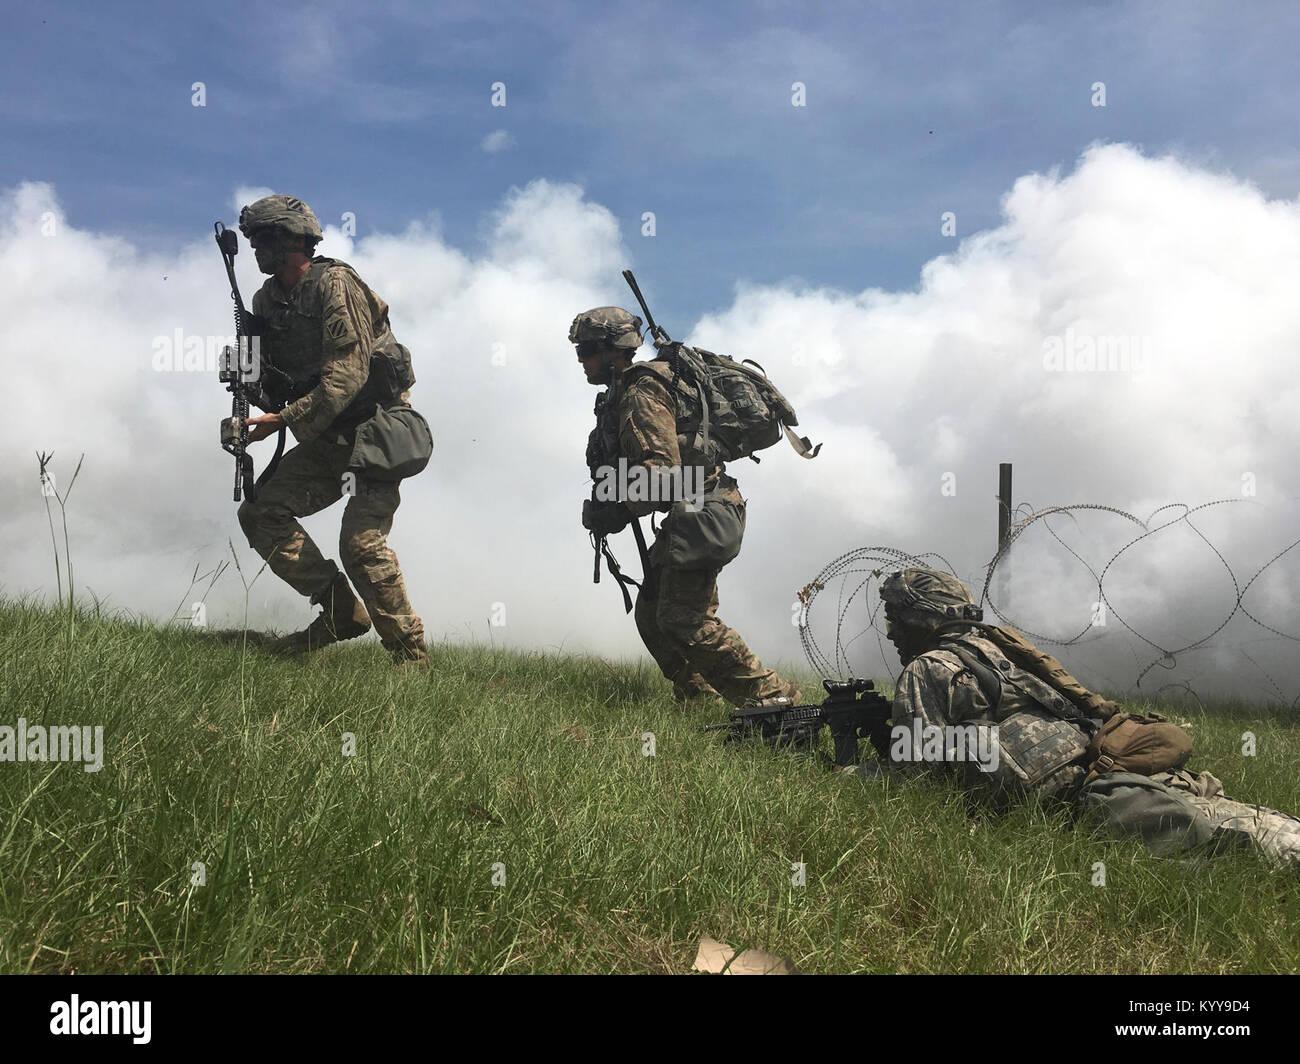 battalion and armored brigade combat 81st armored brigade combat team seattle  company e, 181st brigade support battalion (attached) 1st battalion, 185th armored regiment (aligned.